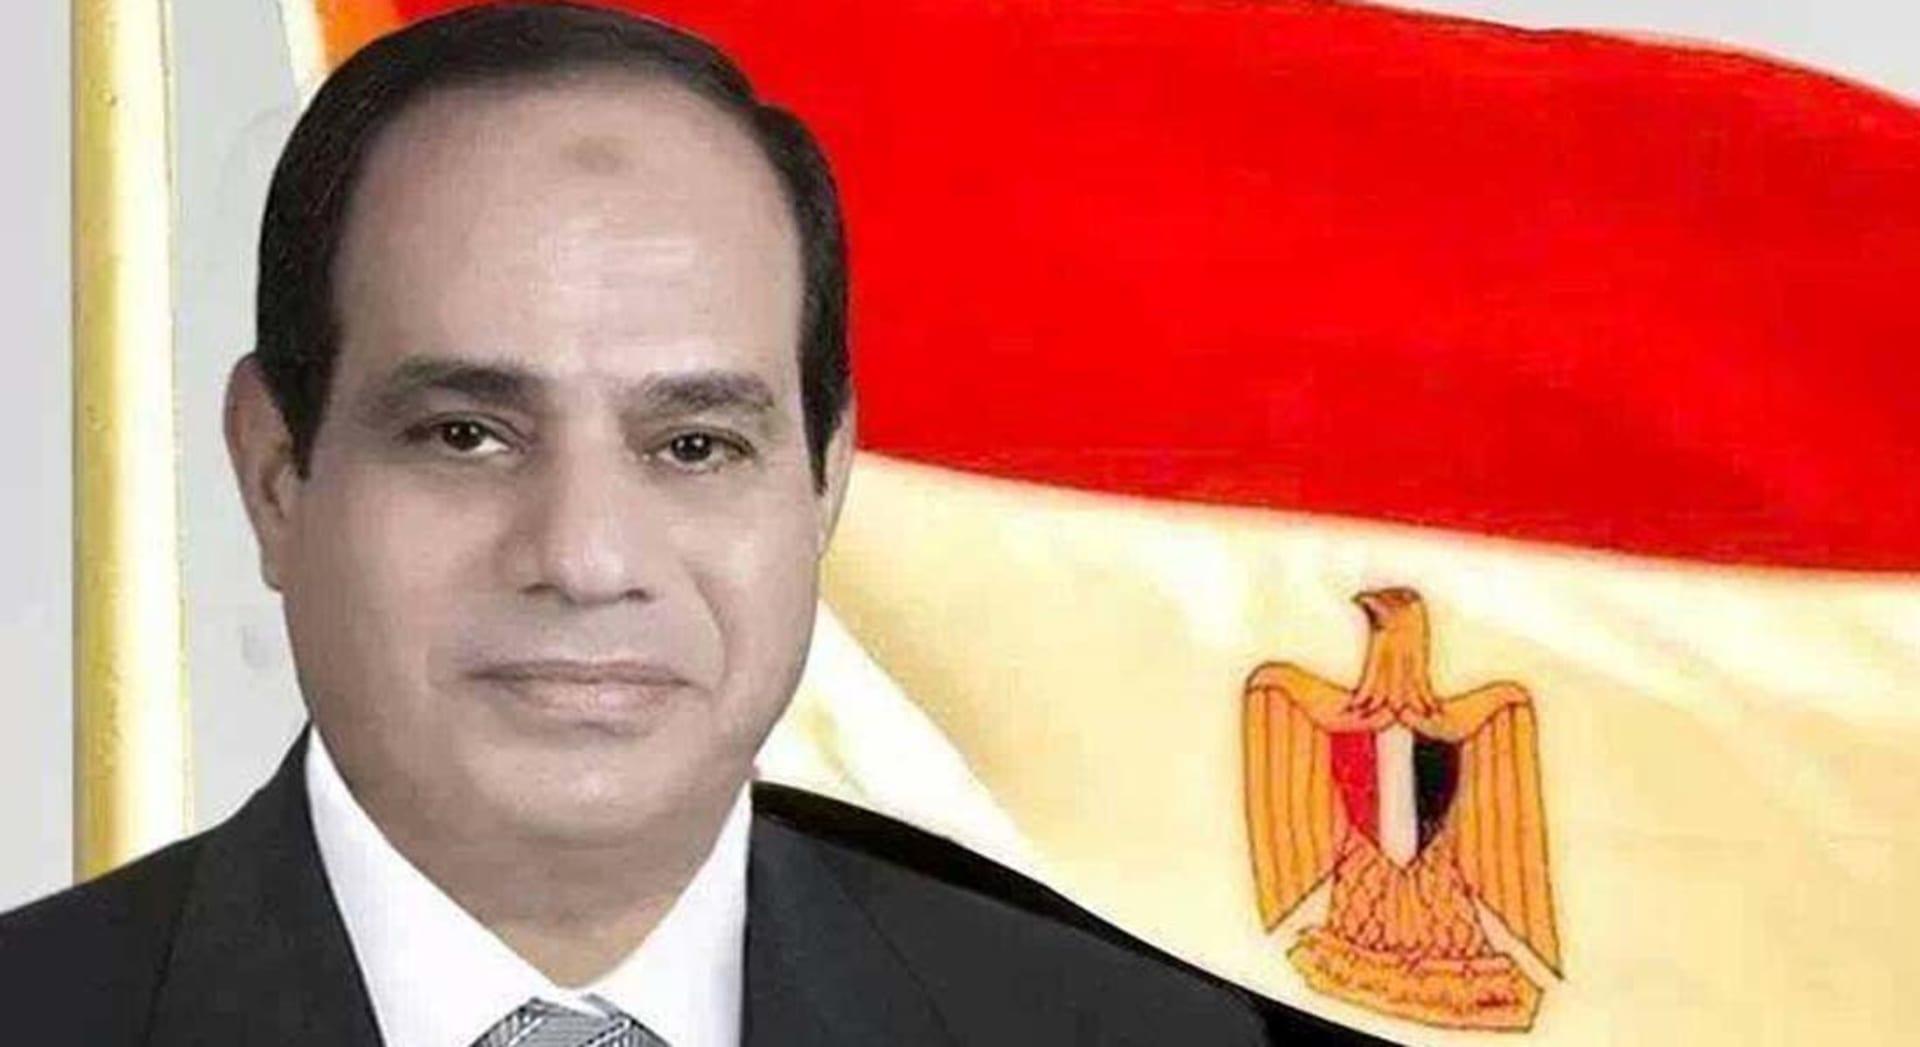 توكيلات تأييد للسيسي من مصريين بالخارج.. كيف يتم احتسابها؟